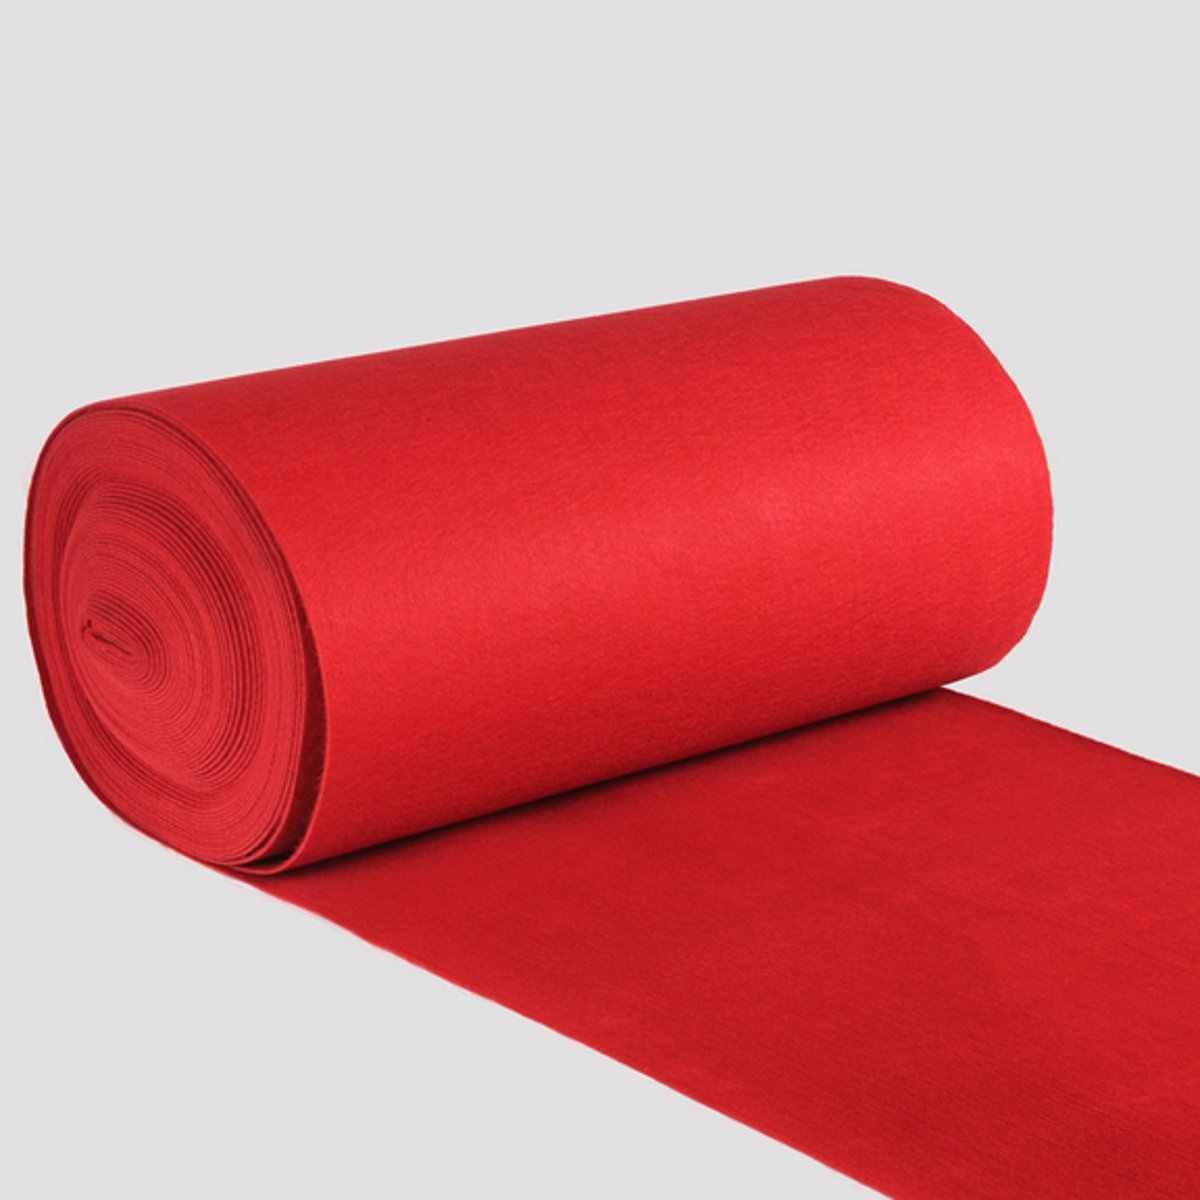 10/20 メートル結婚式の通路の床ランナーカーペットポリエステル大レッドカーペット敷物ハリウッド賞イベントイベントの装飾